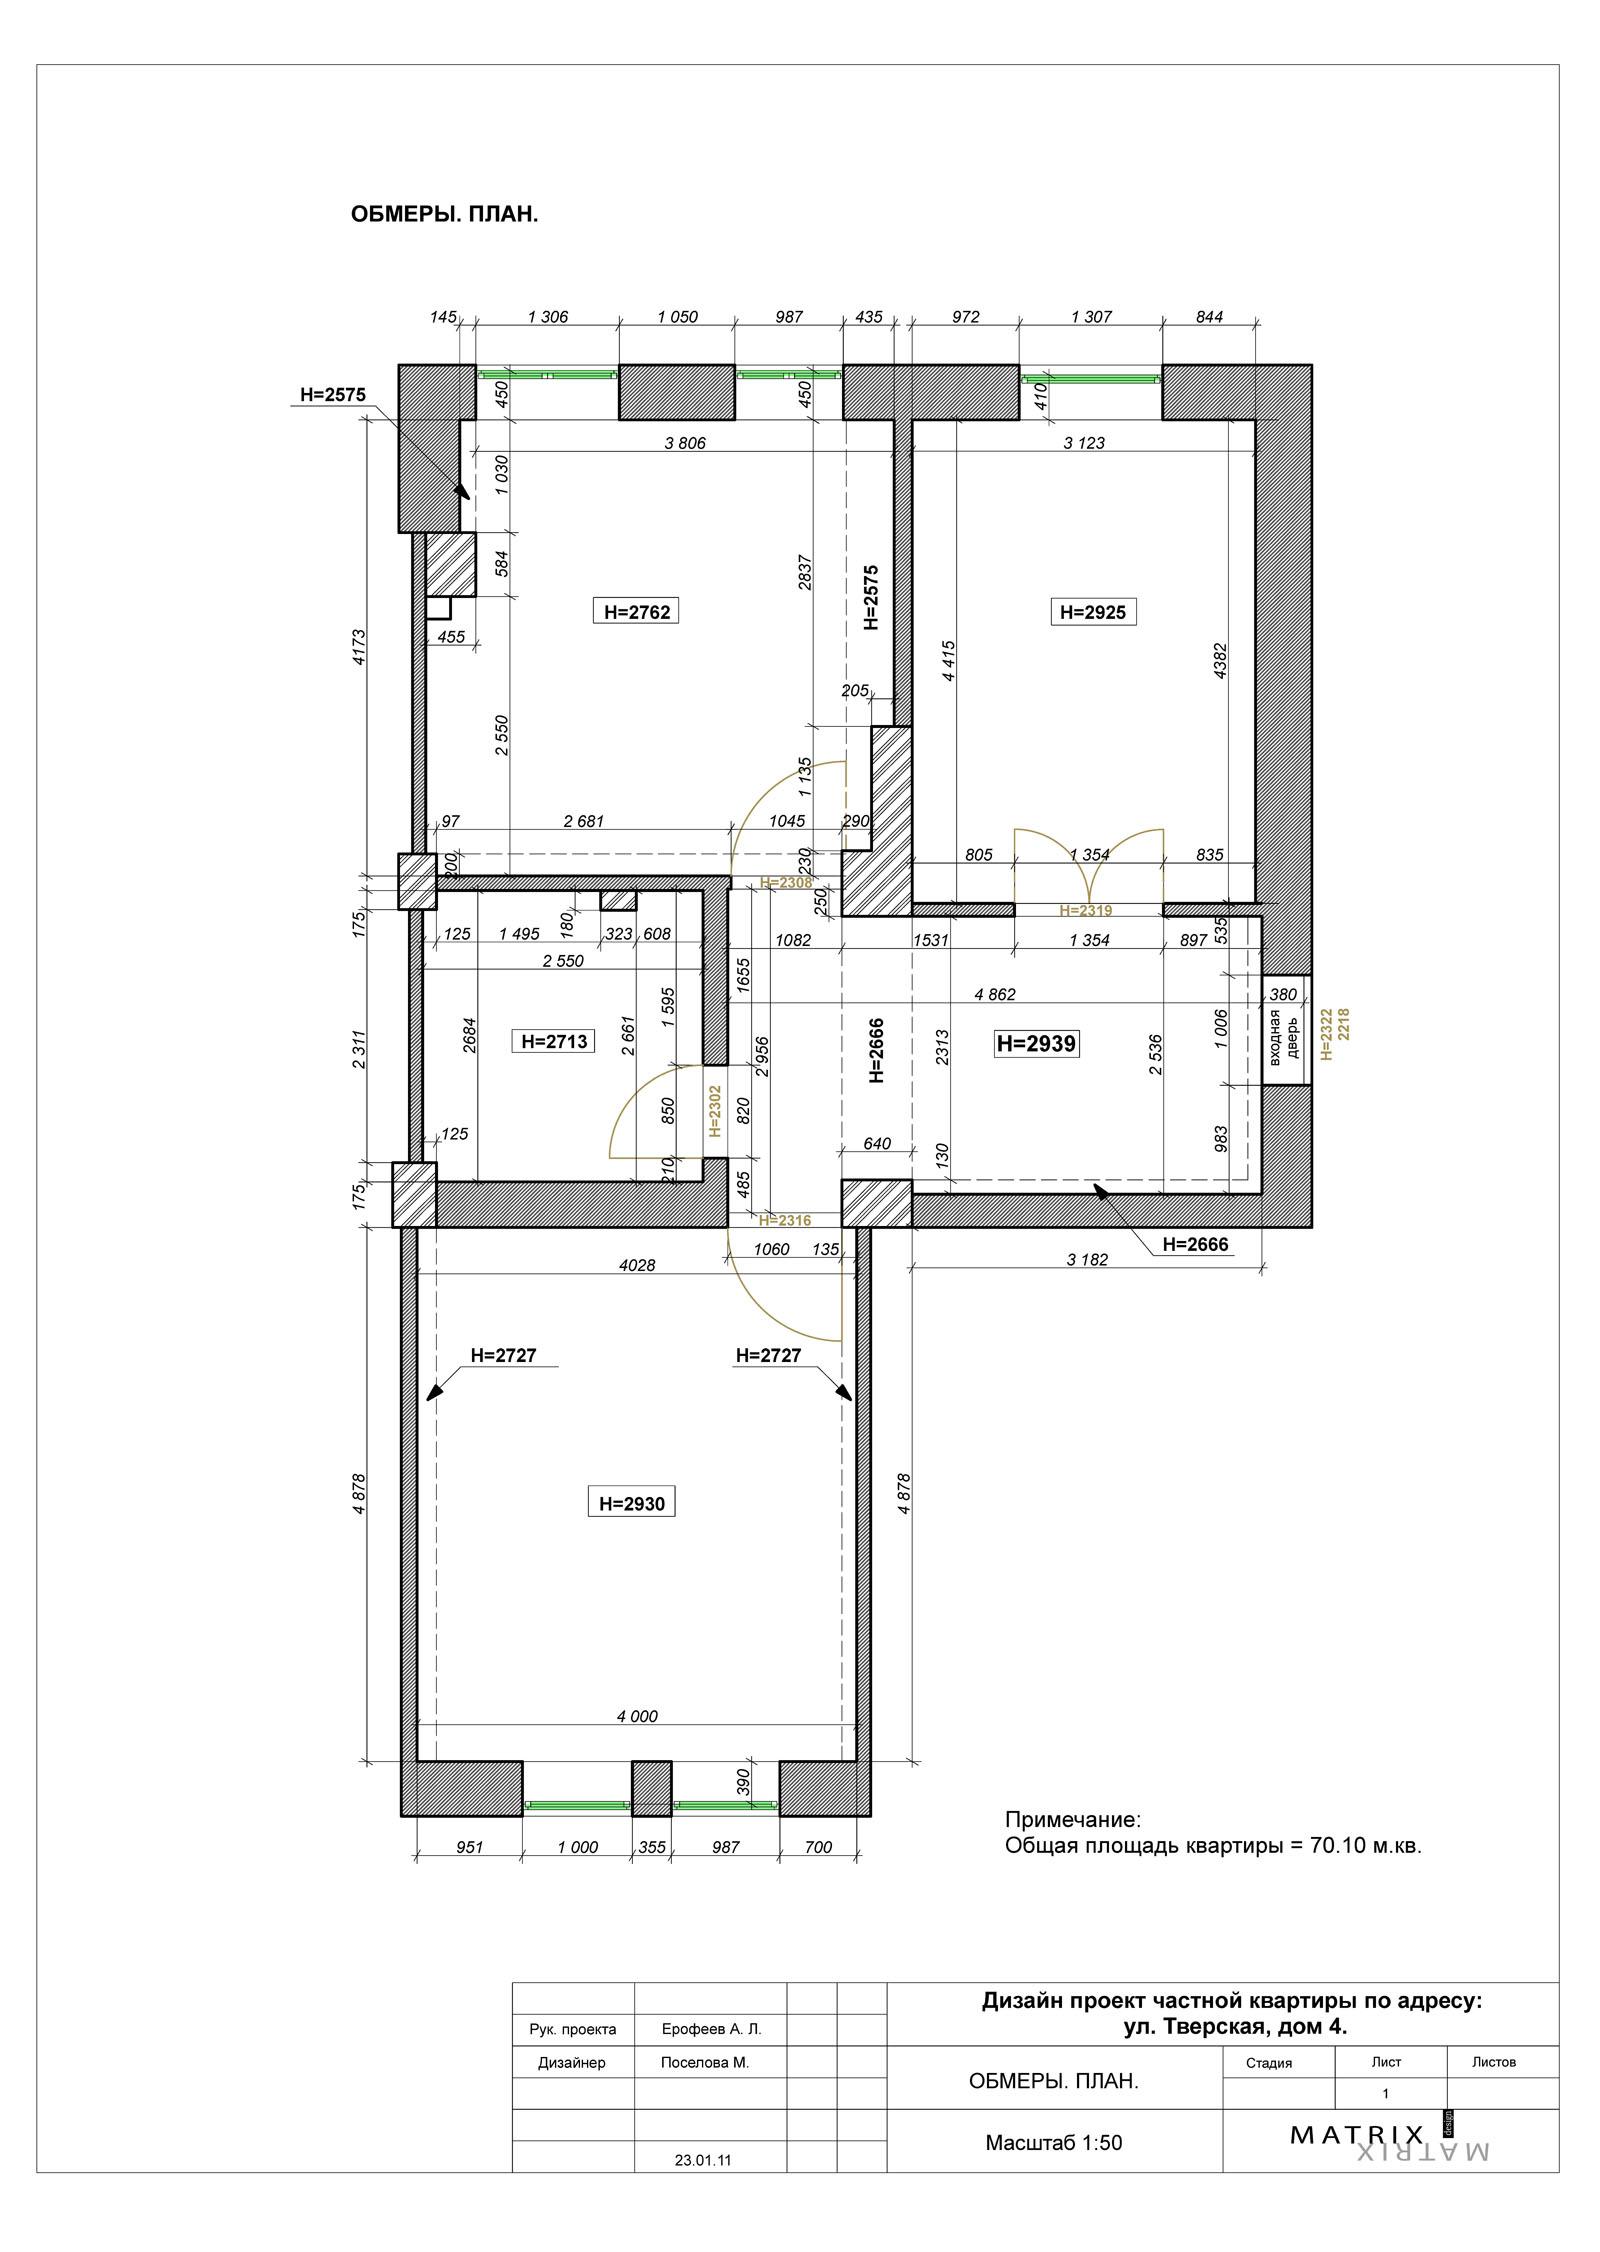 Квартира на тверской. обмерочный план - фрилансер matrix-des.